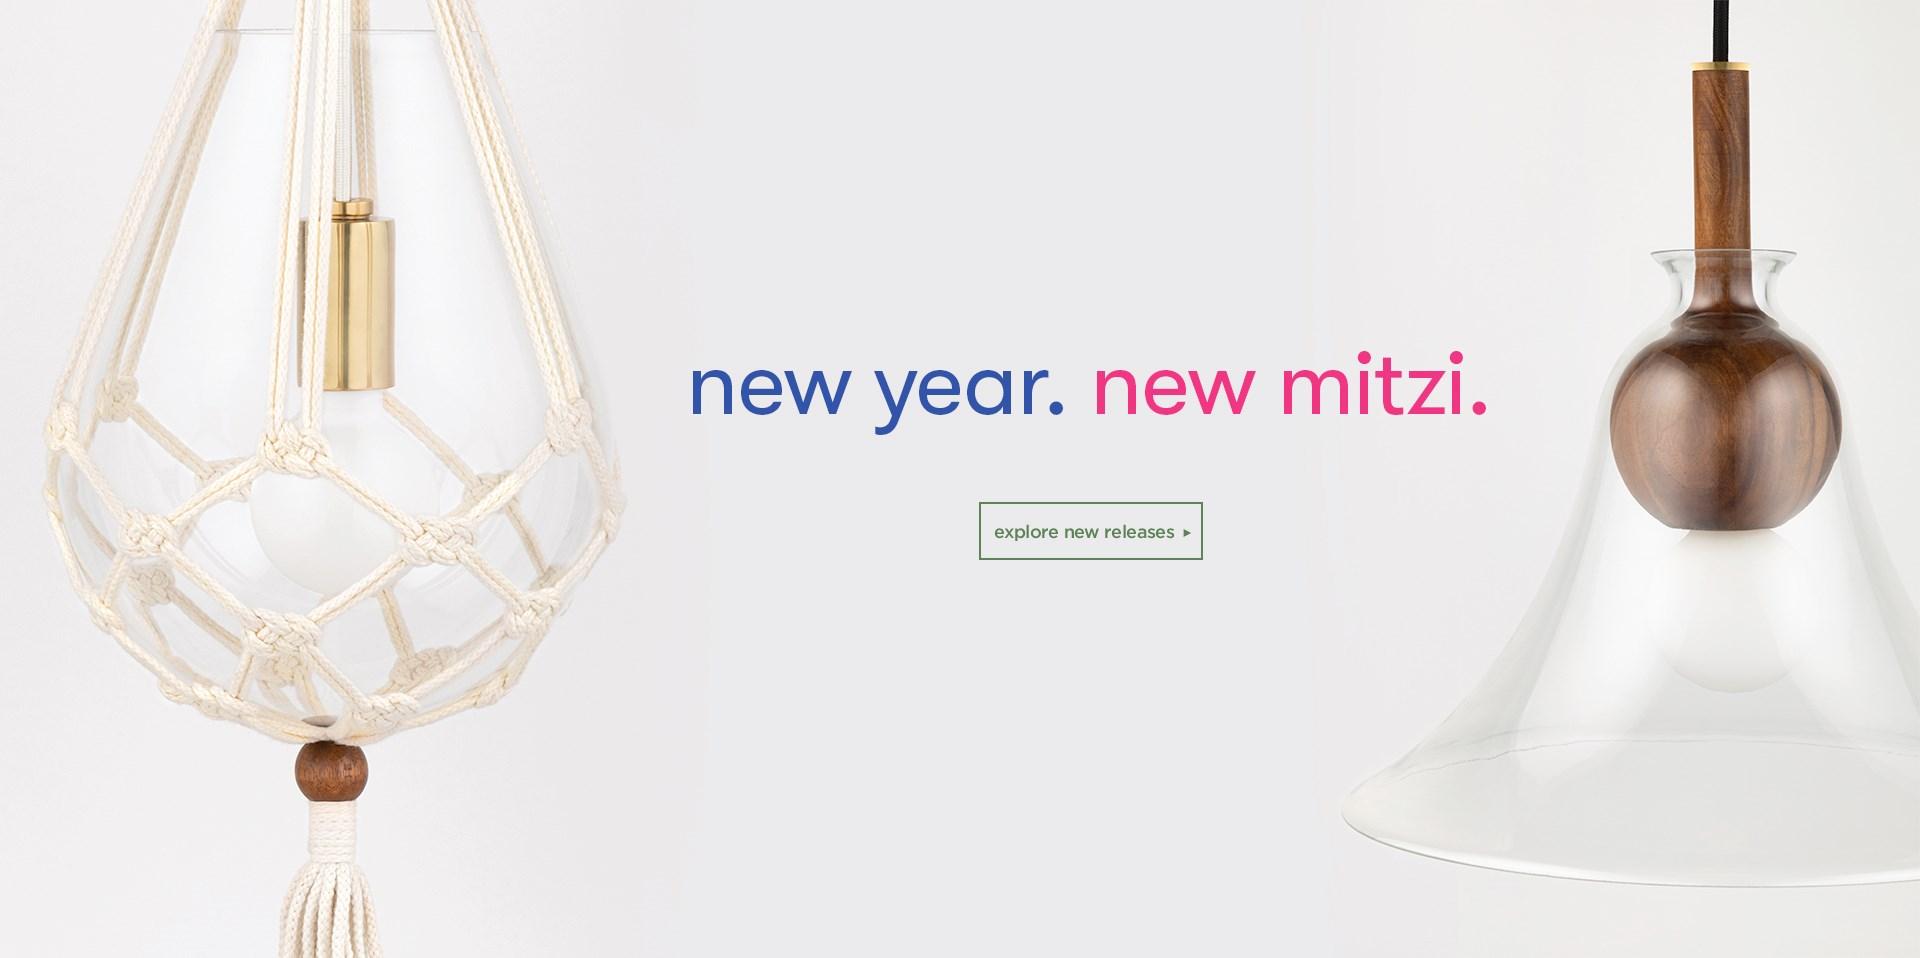 New Year, New Mitzi